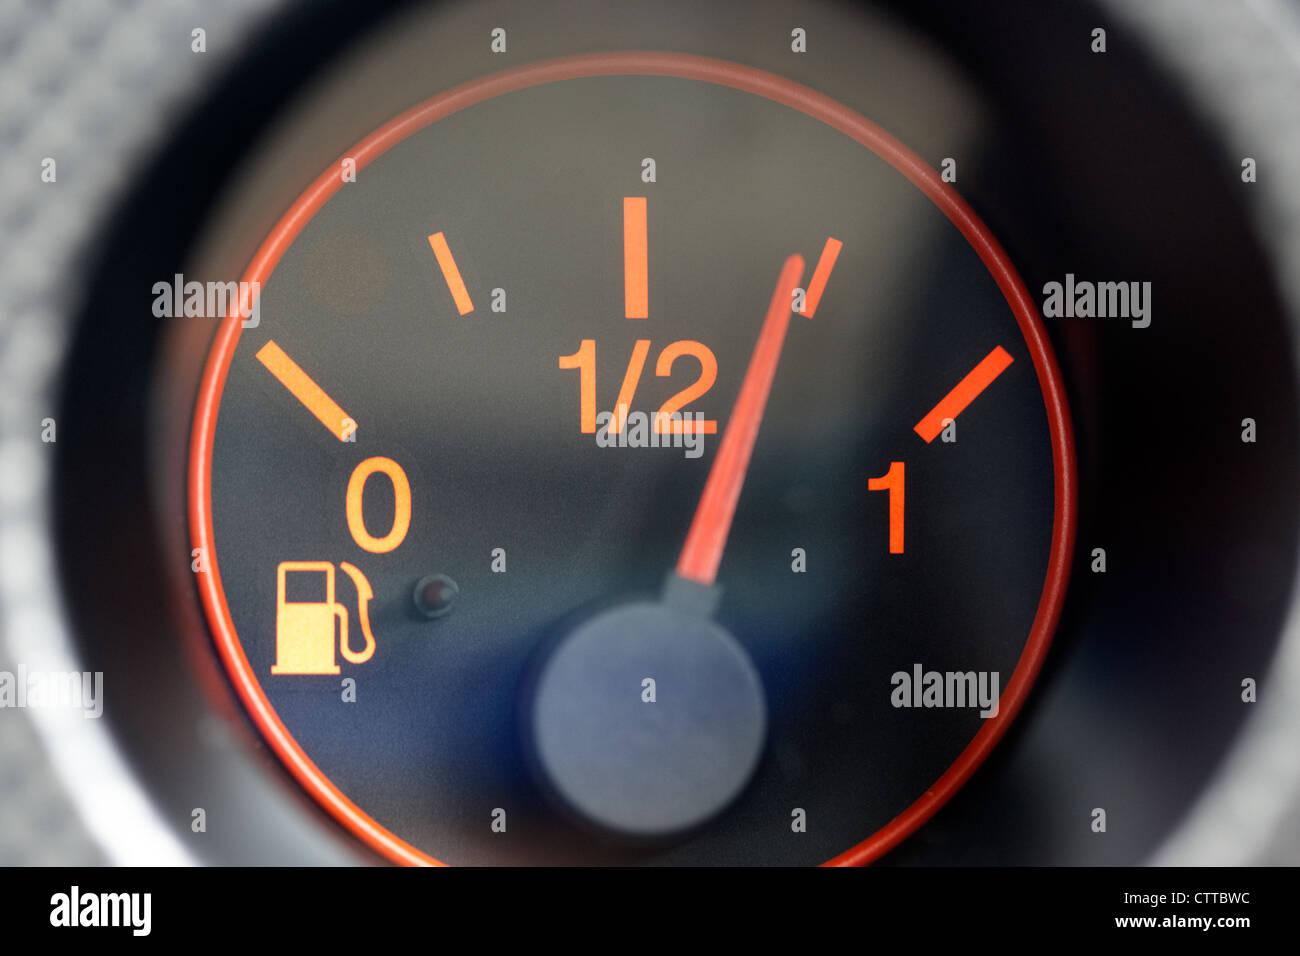 El indicador de combustible del vehículo automóvil mostrando casi tres cuartos lleno Imagen De Stock